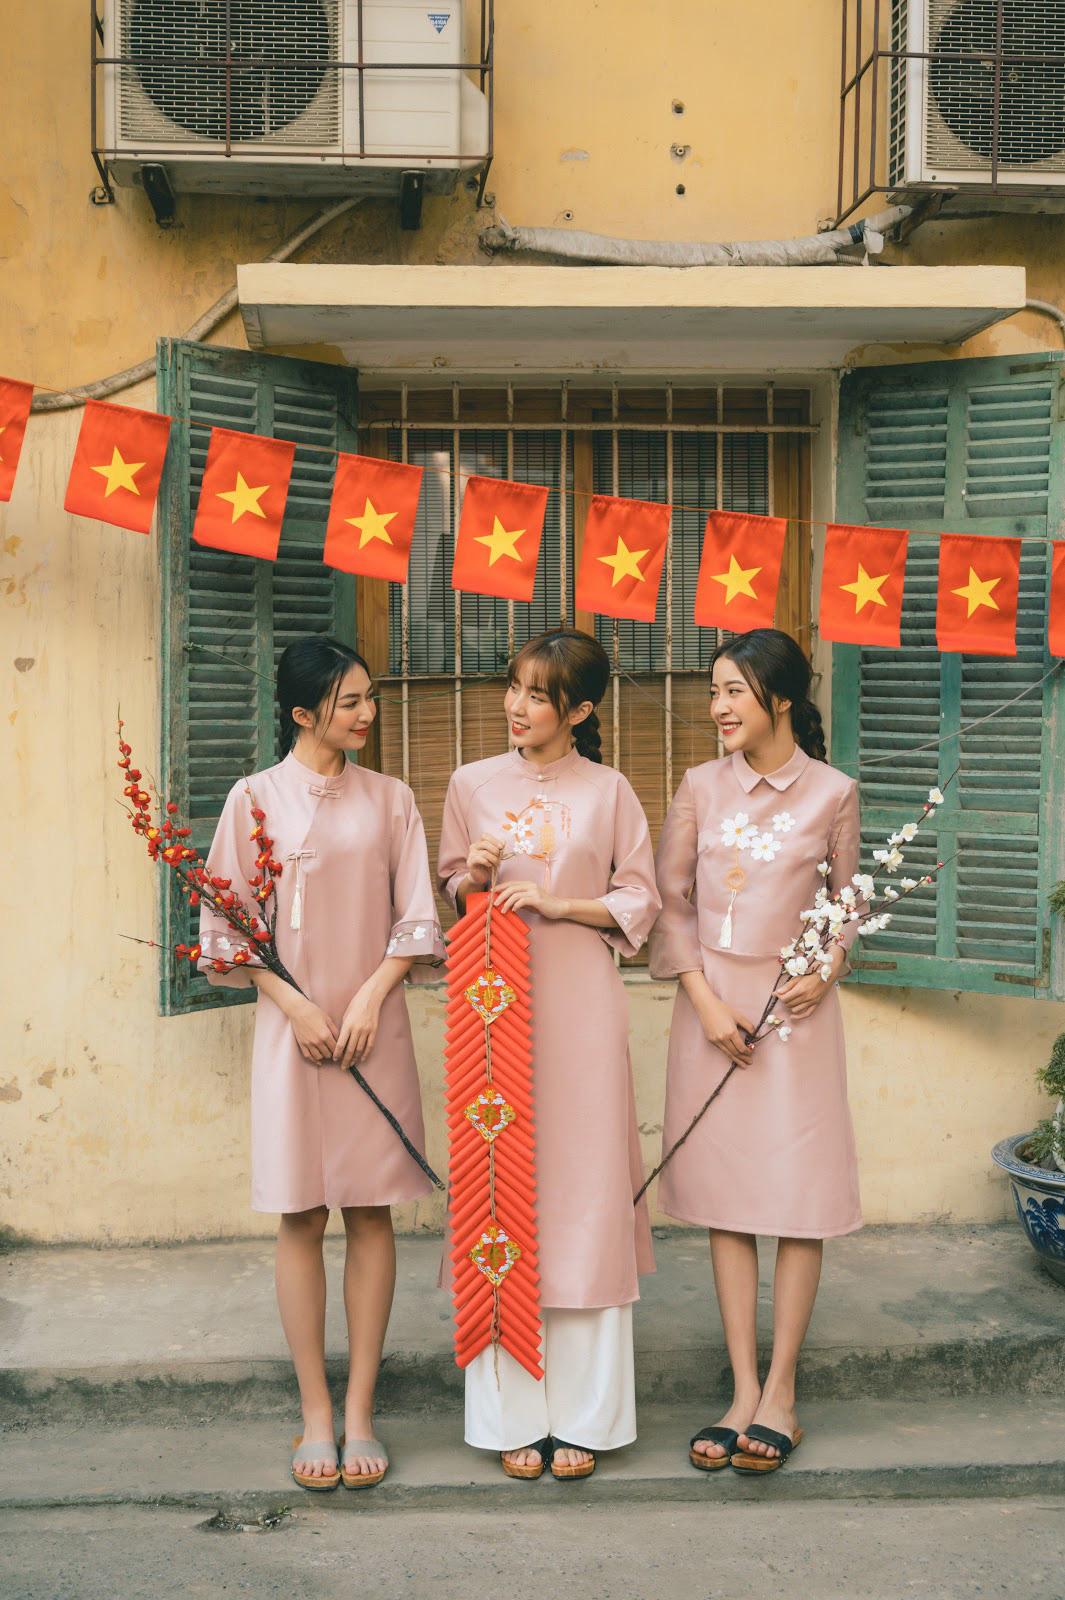 Diện đẹp đón Tết Canh Tý với mẫu áo dài họa tiết lạ mắt - Ảnh 6.